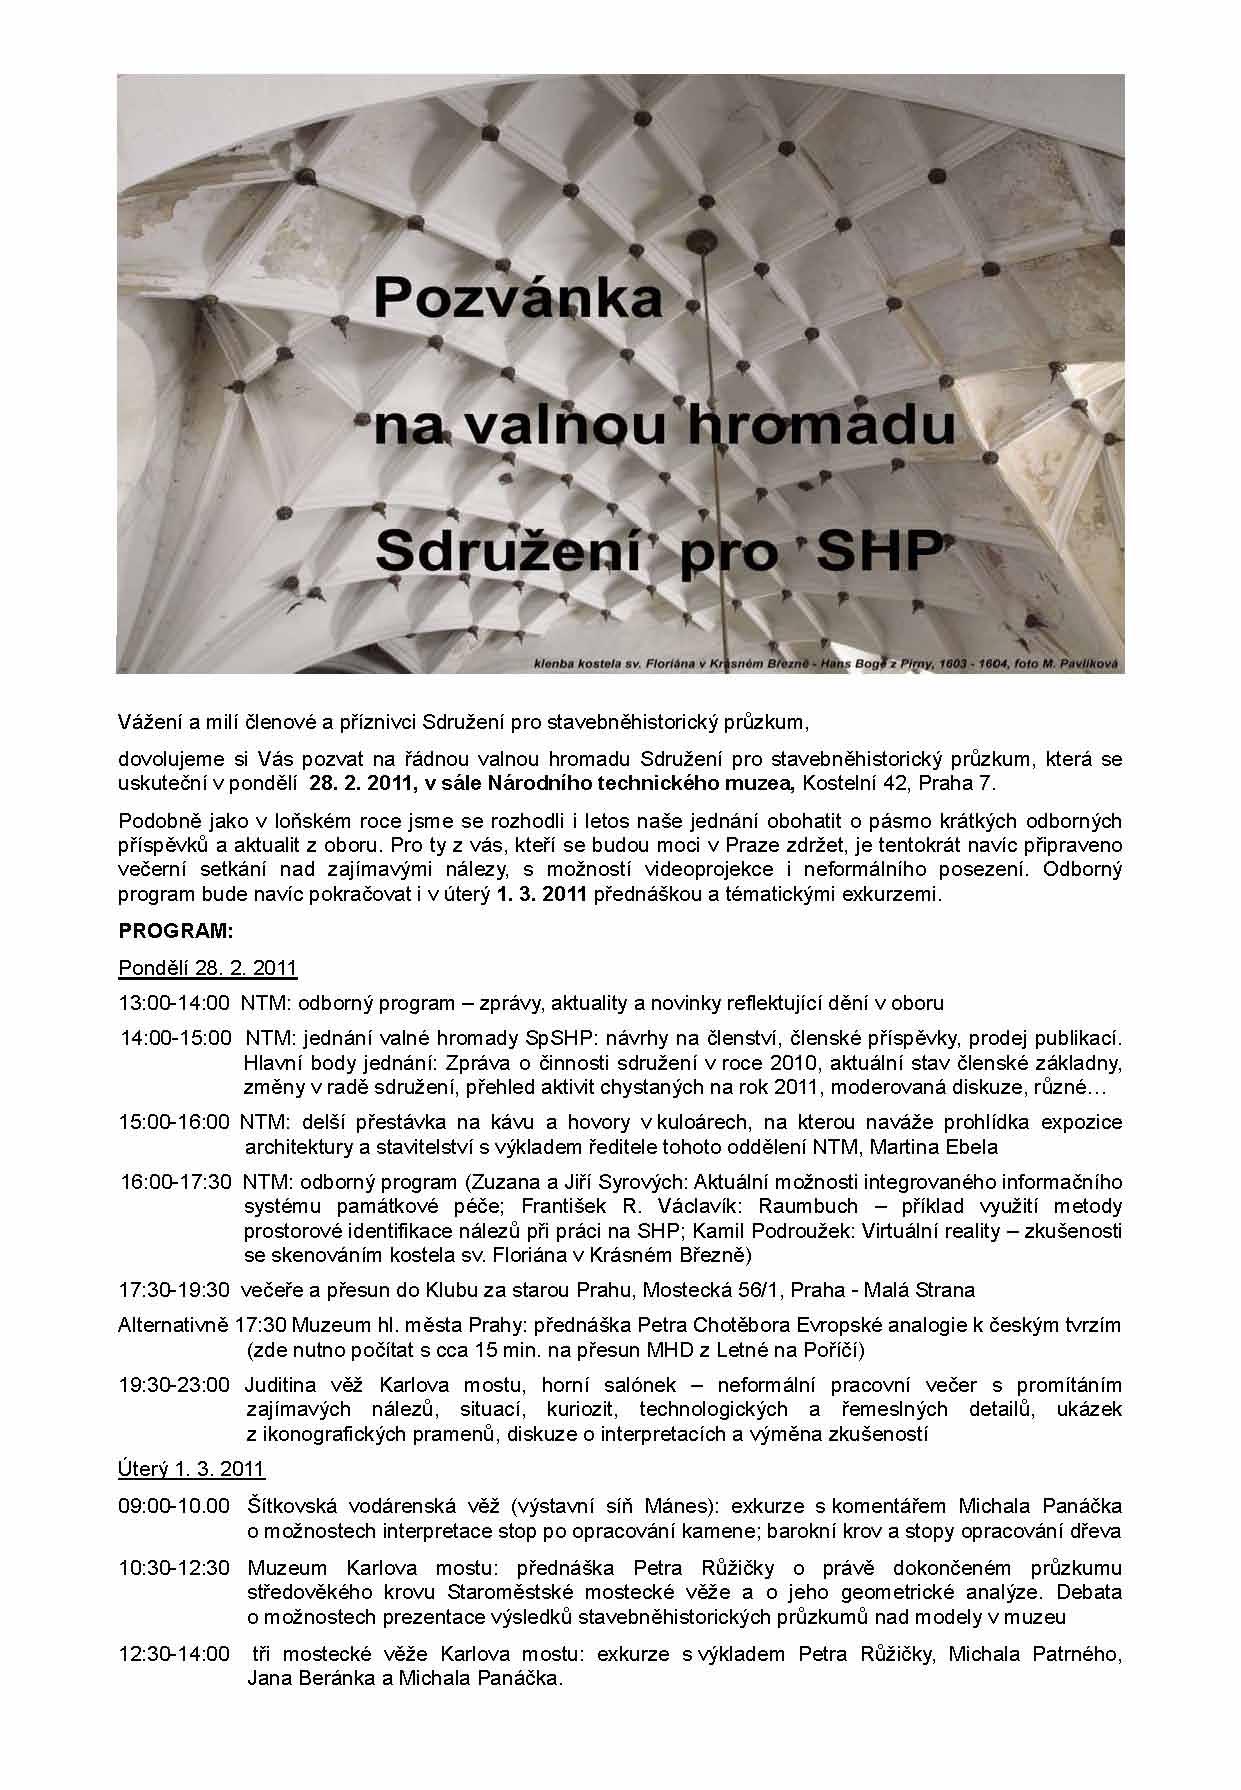 pozvanka_VH_2011_v16-02